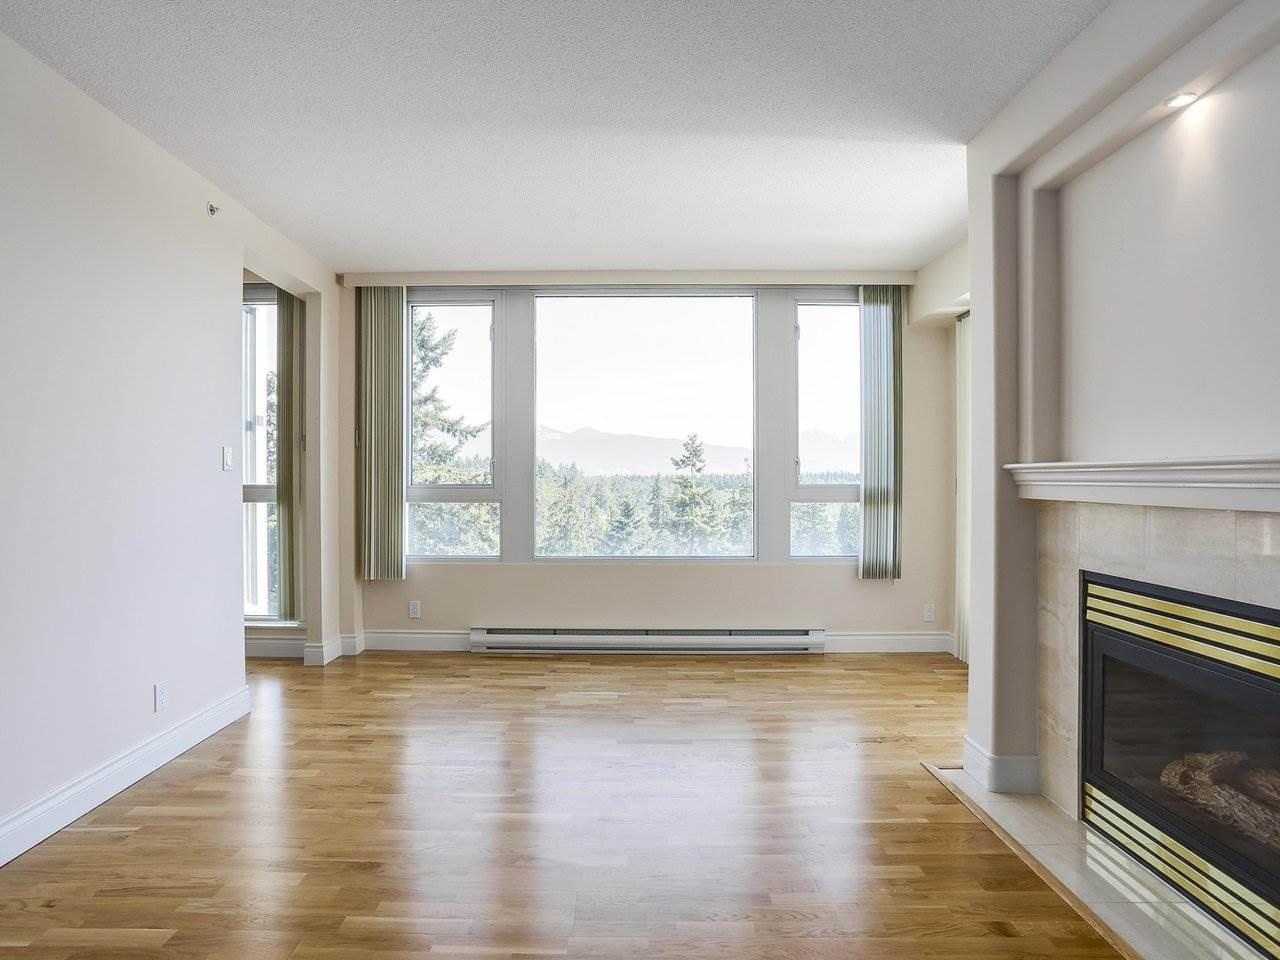 Condo Apartment at 1704 5775 HAMPTON PLACE, Unit 1704, Vancouver West, British Columbia. Image 3